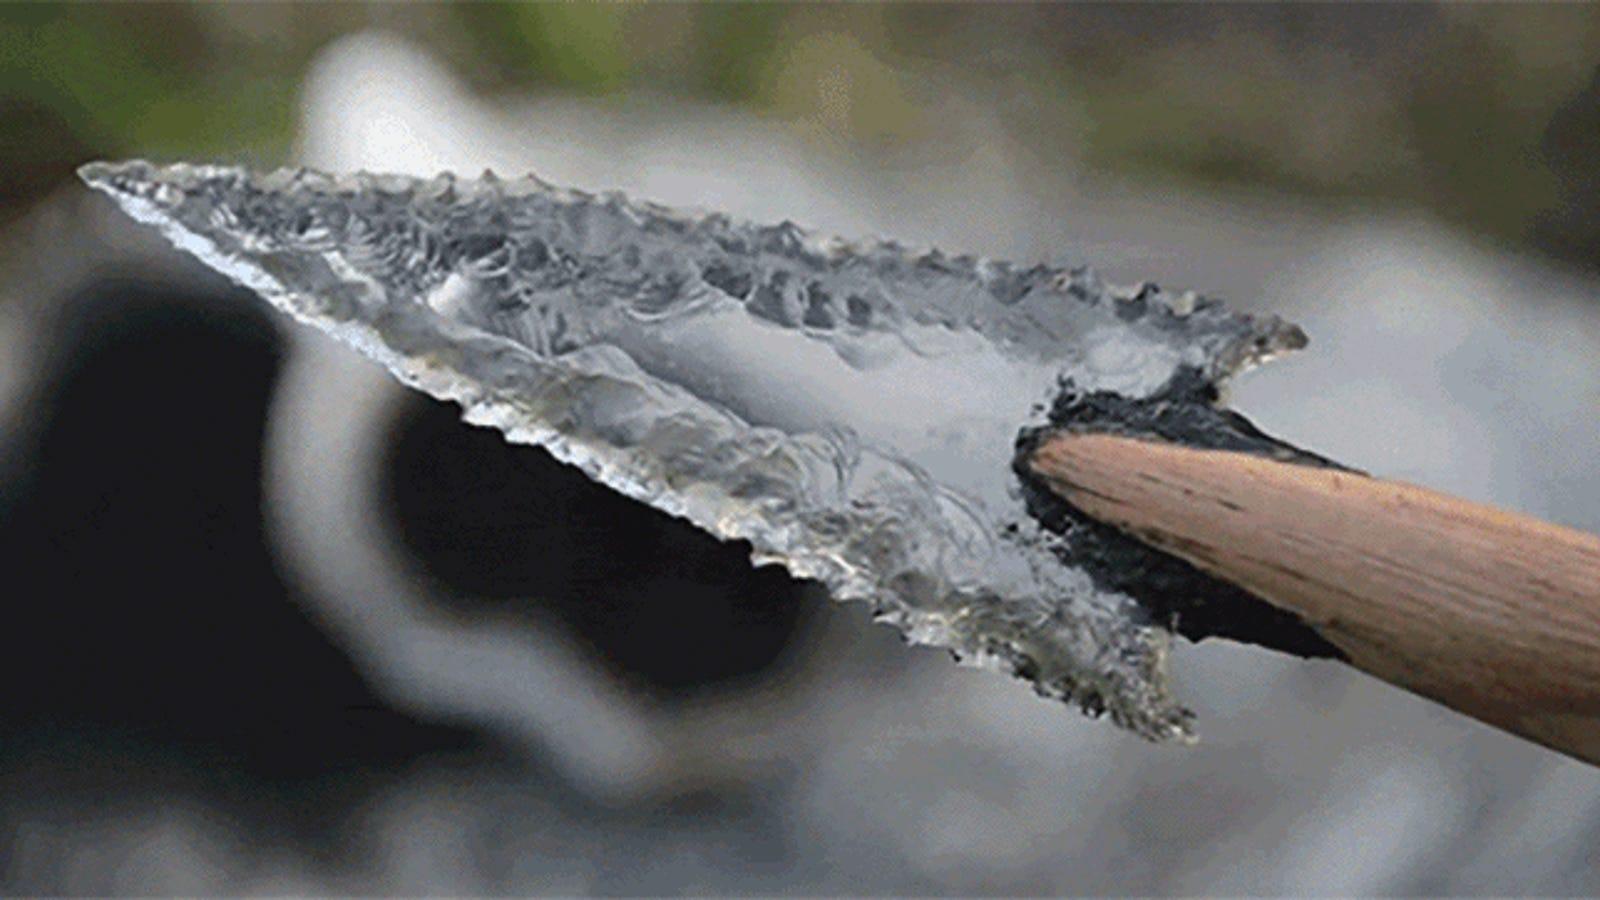 Cómo tallar puntas de flecha de cristal a partir de una botella y casi sin herramientas